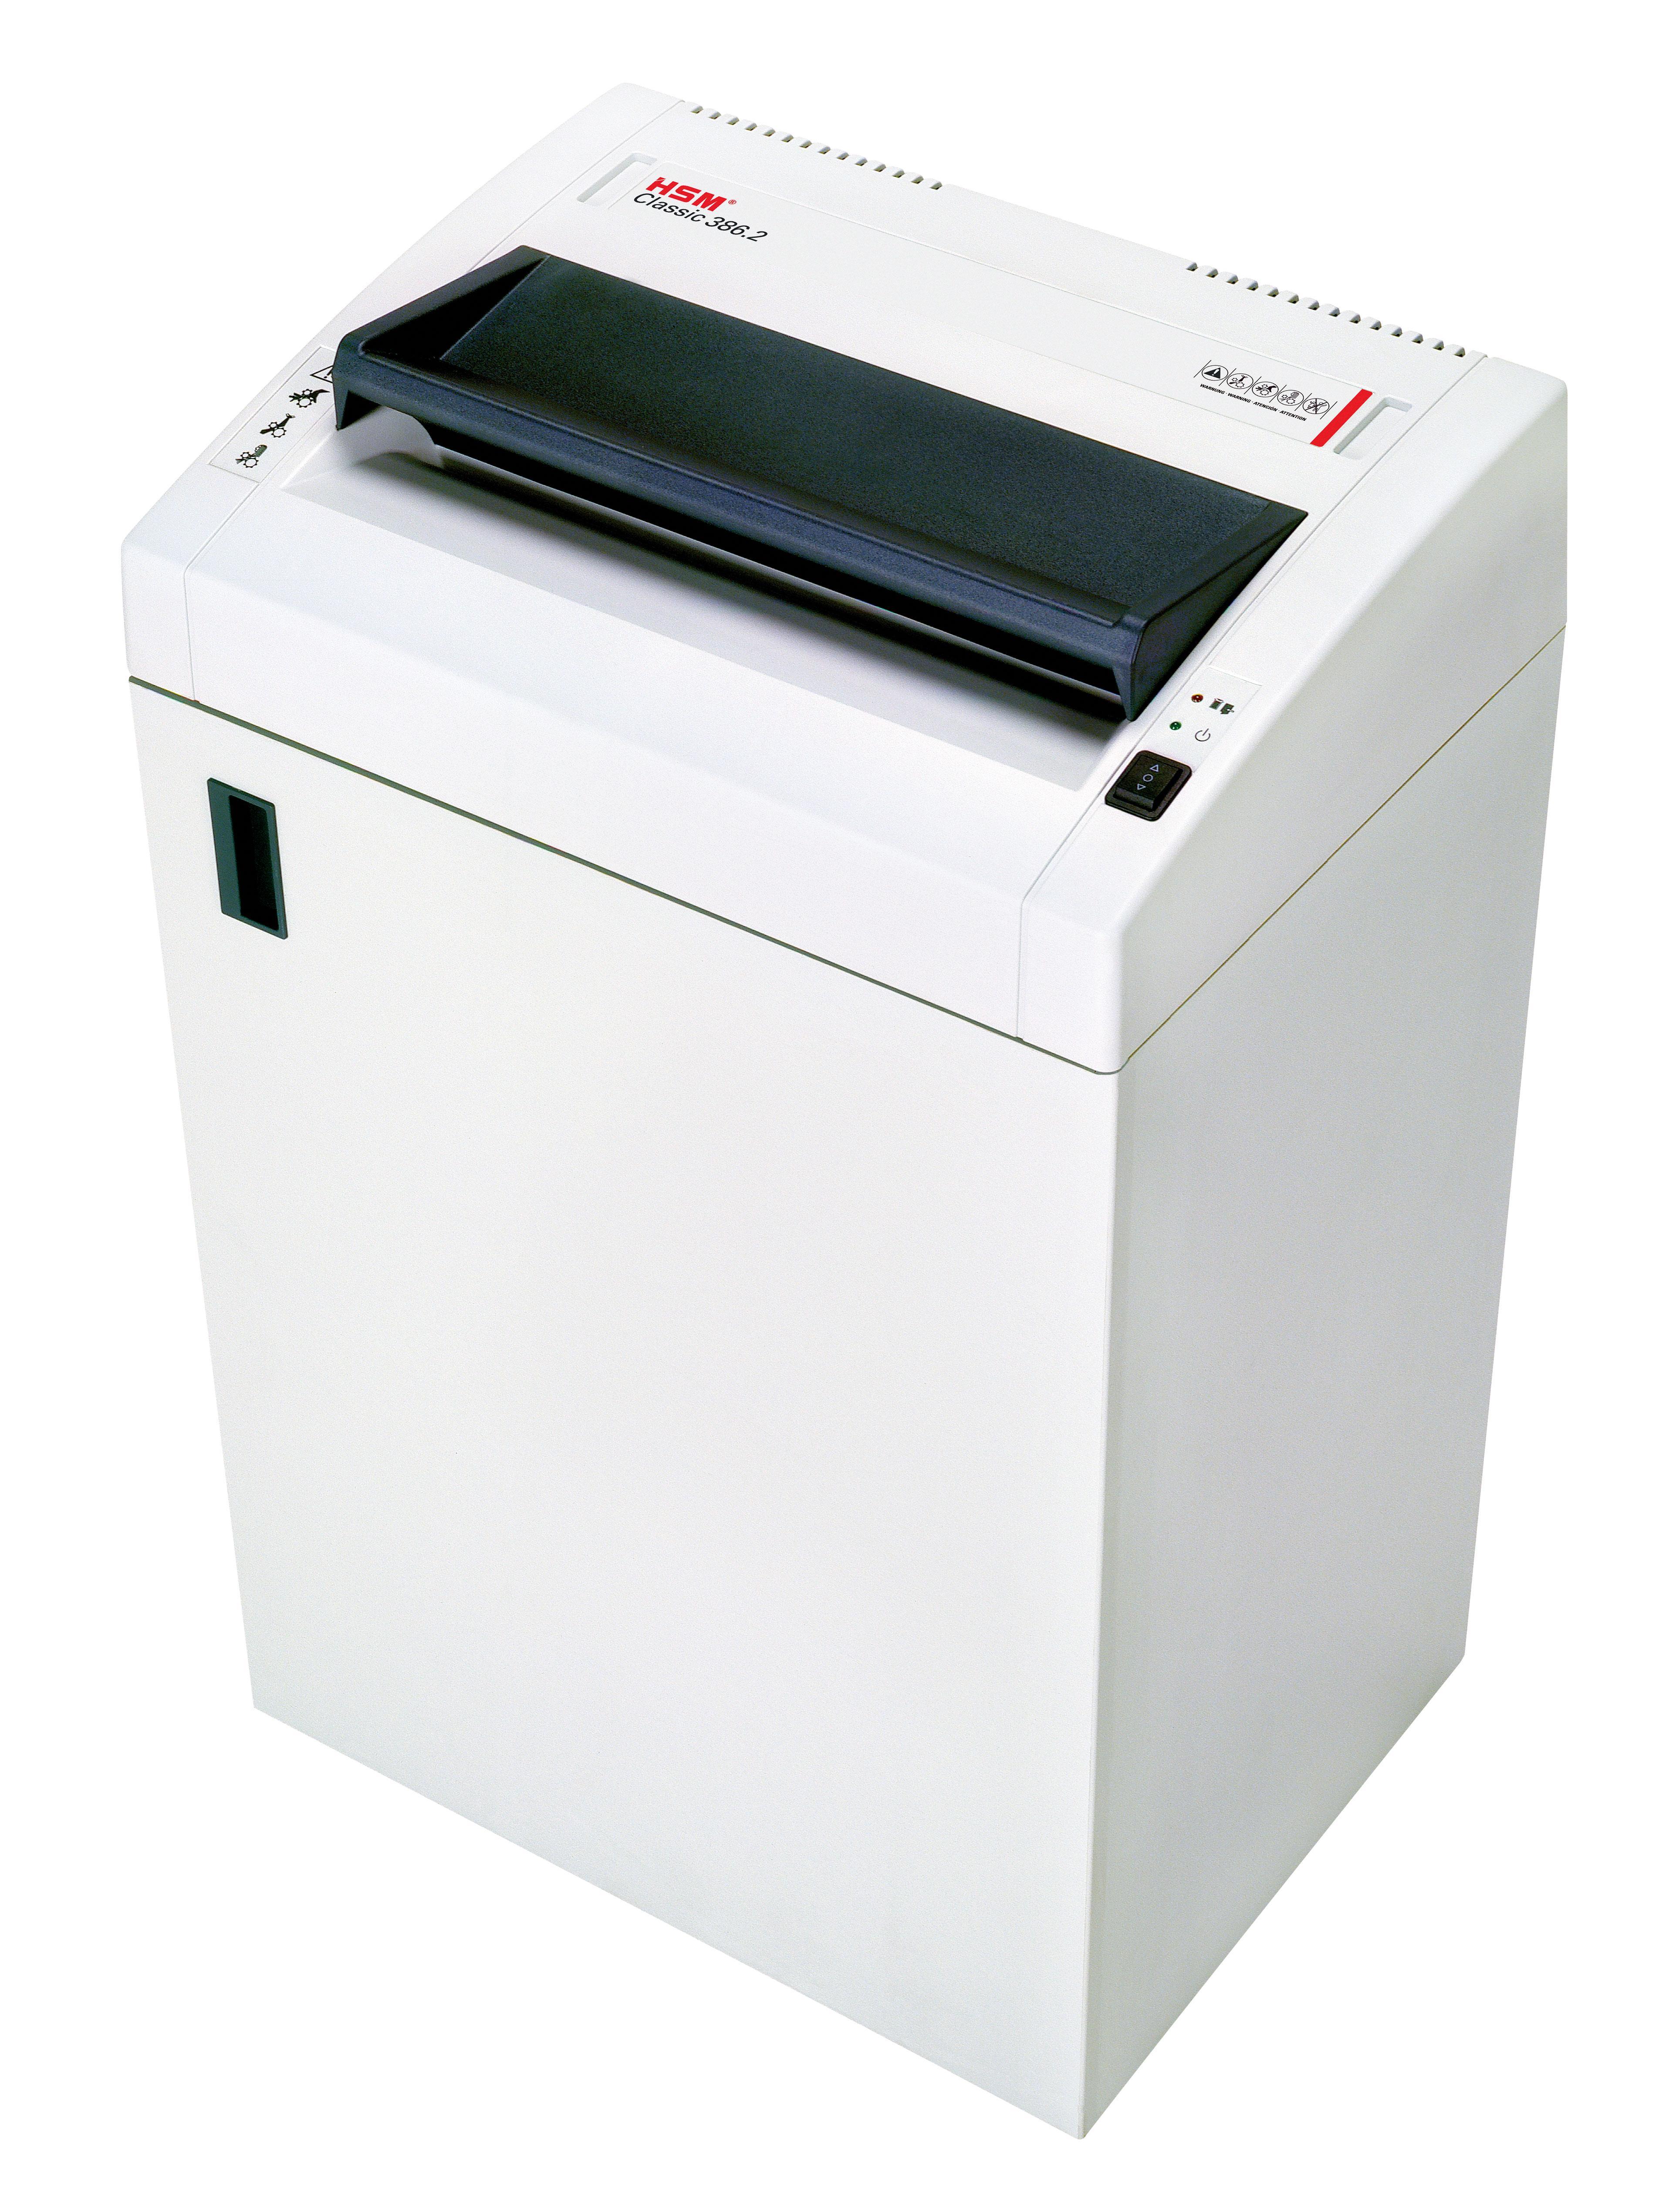 Cheap paper shredder for sale